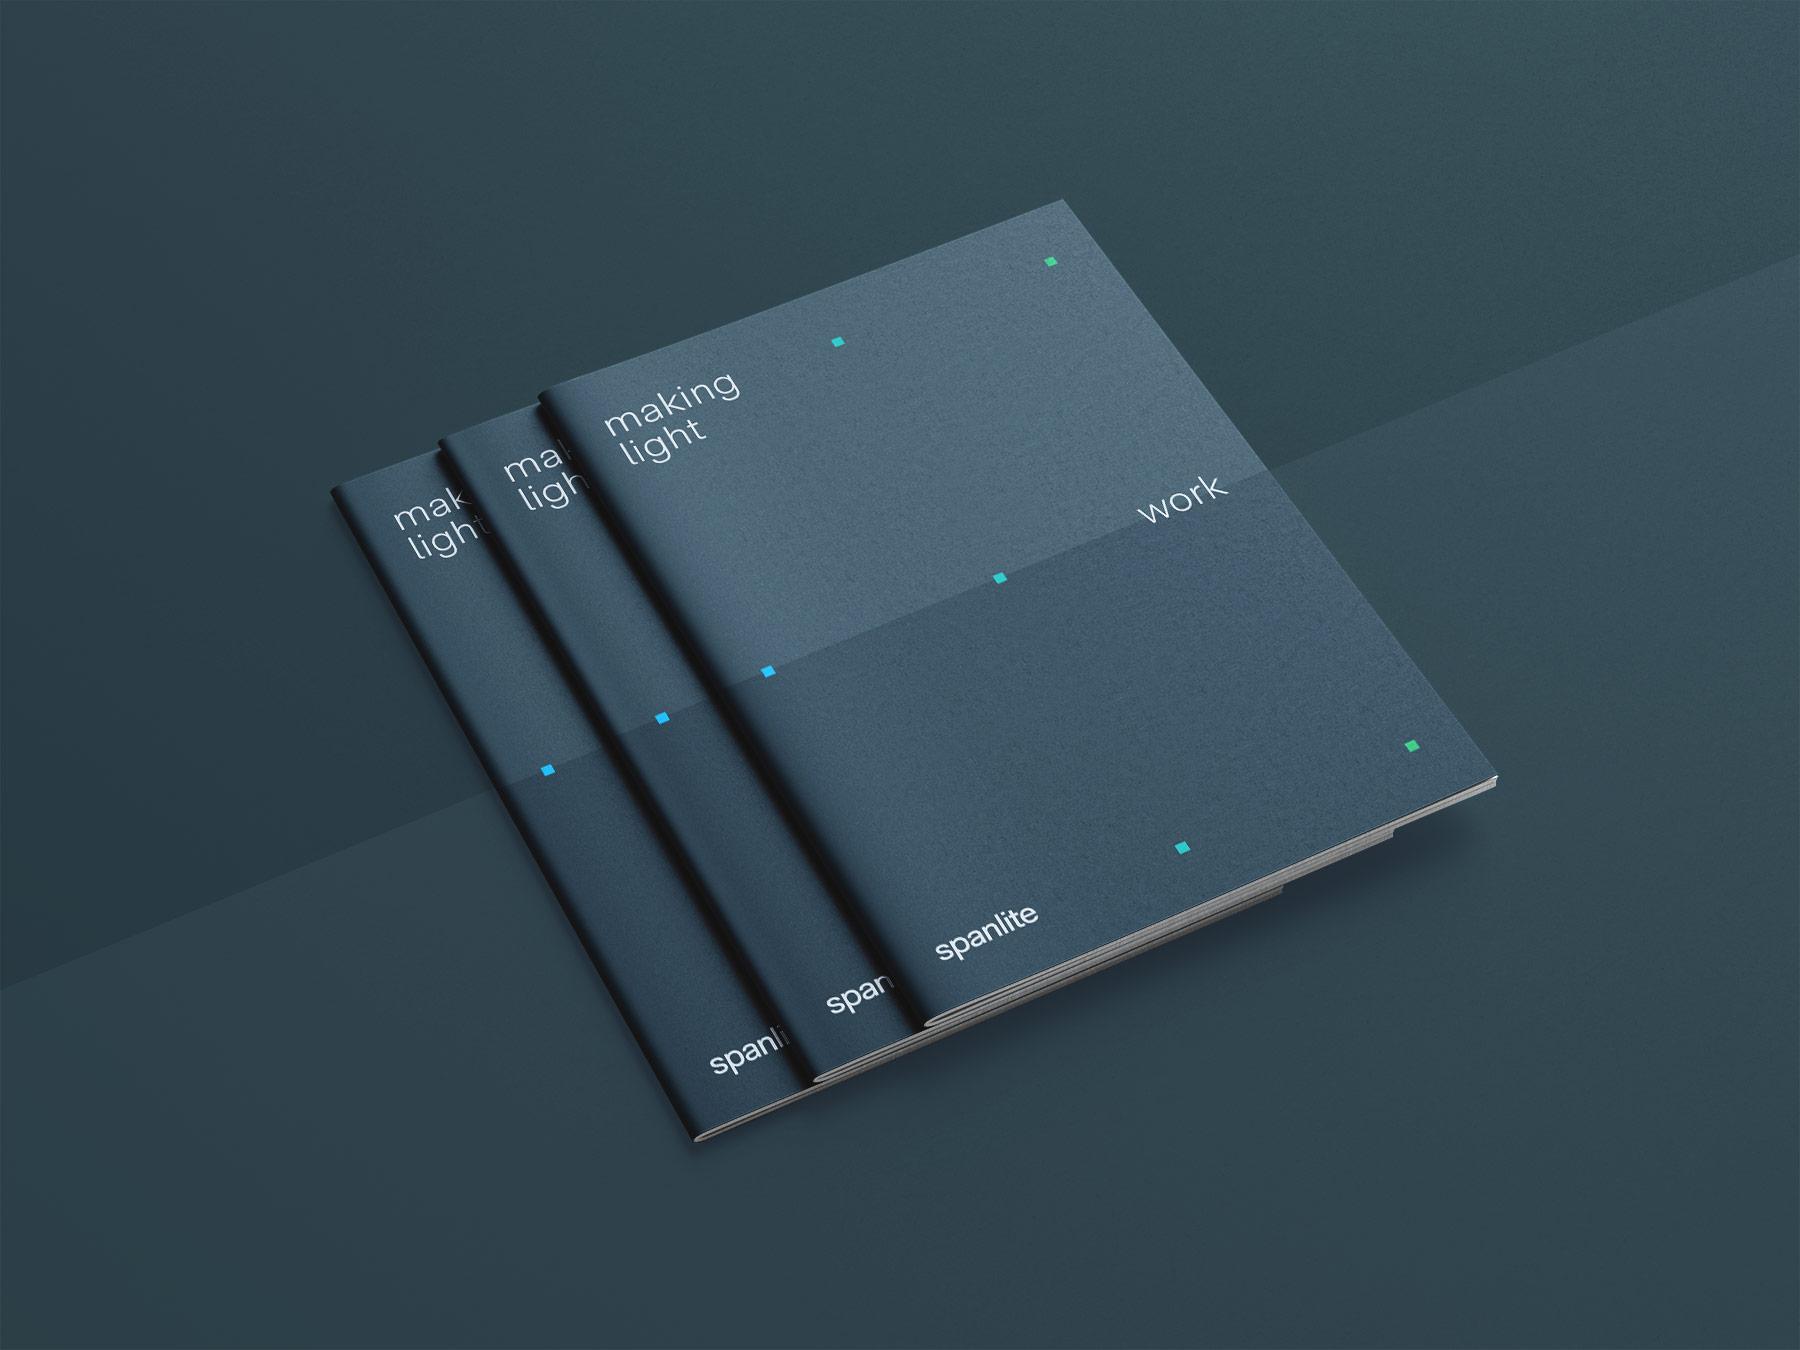 Spanlite Brochure covers